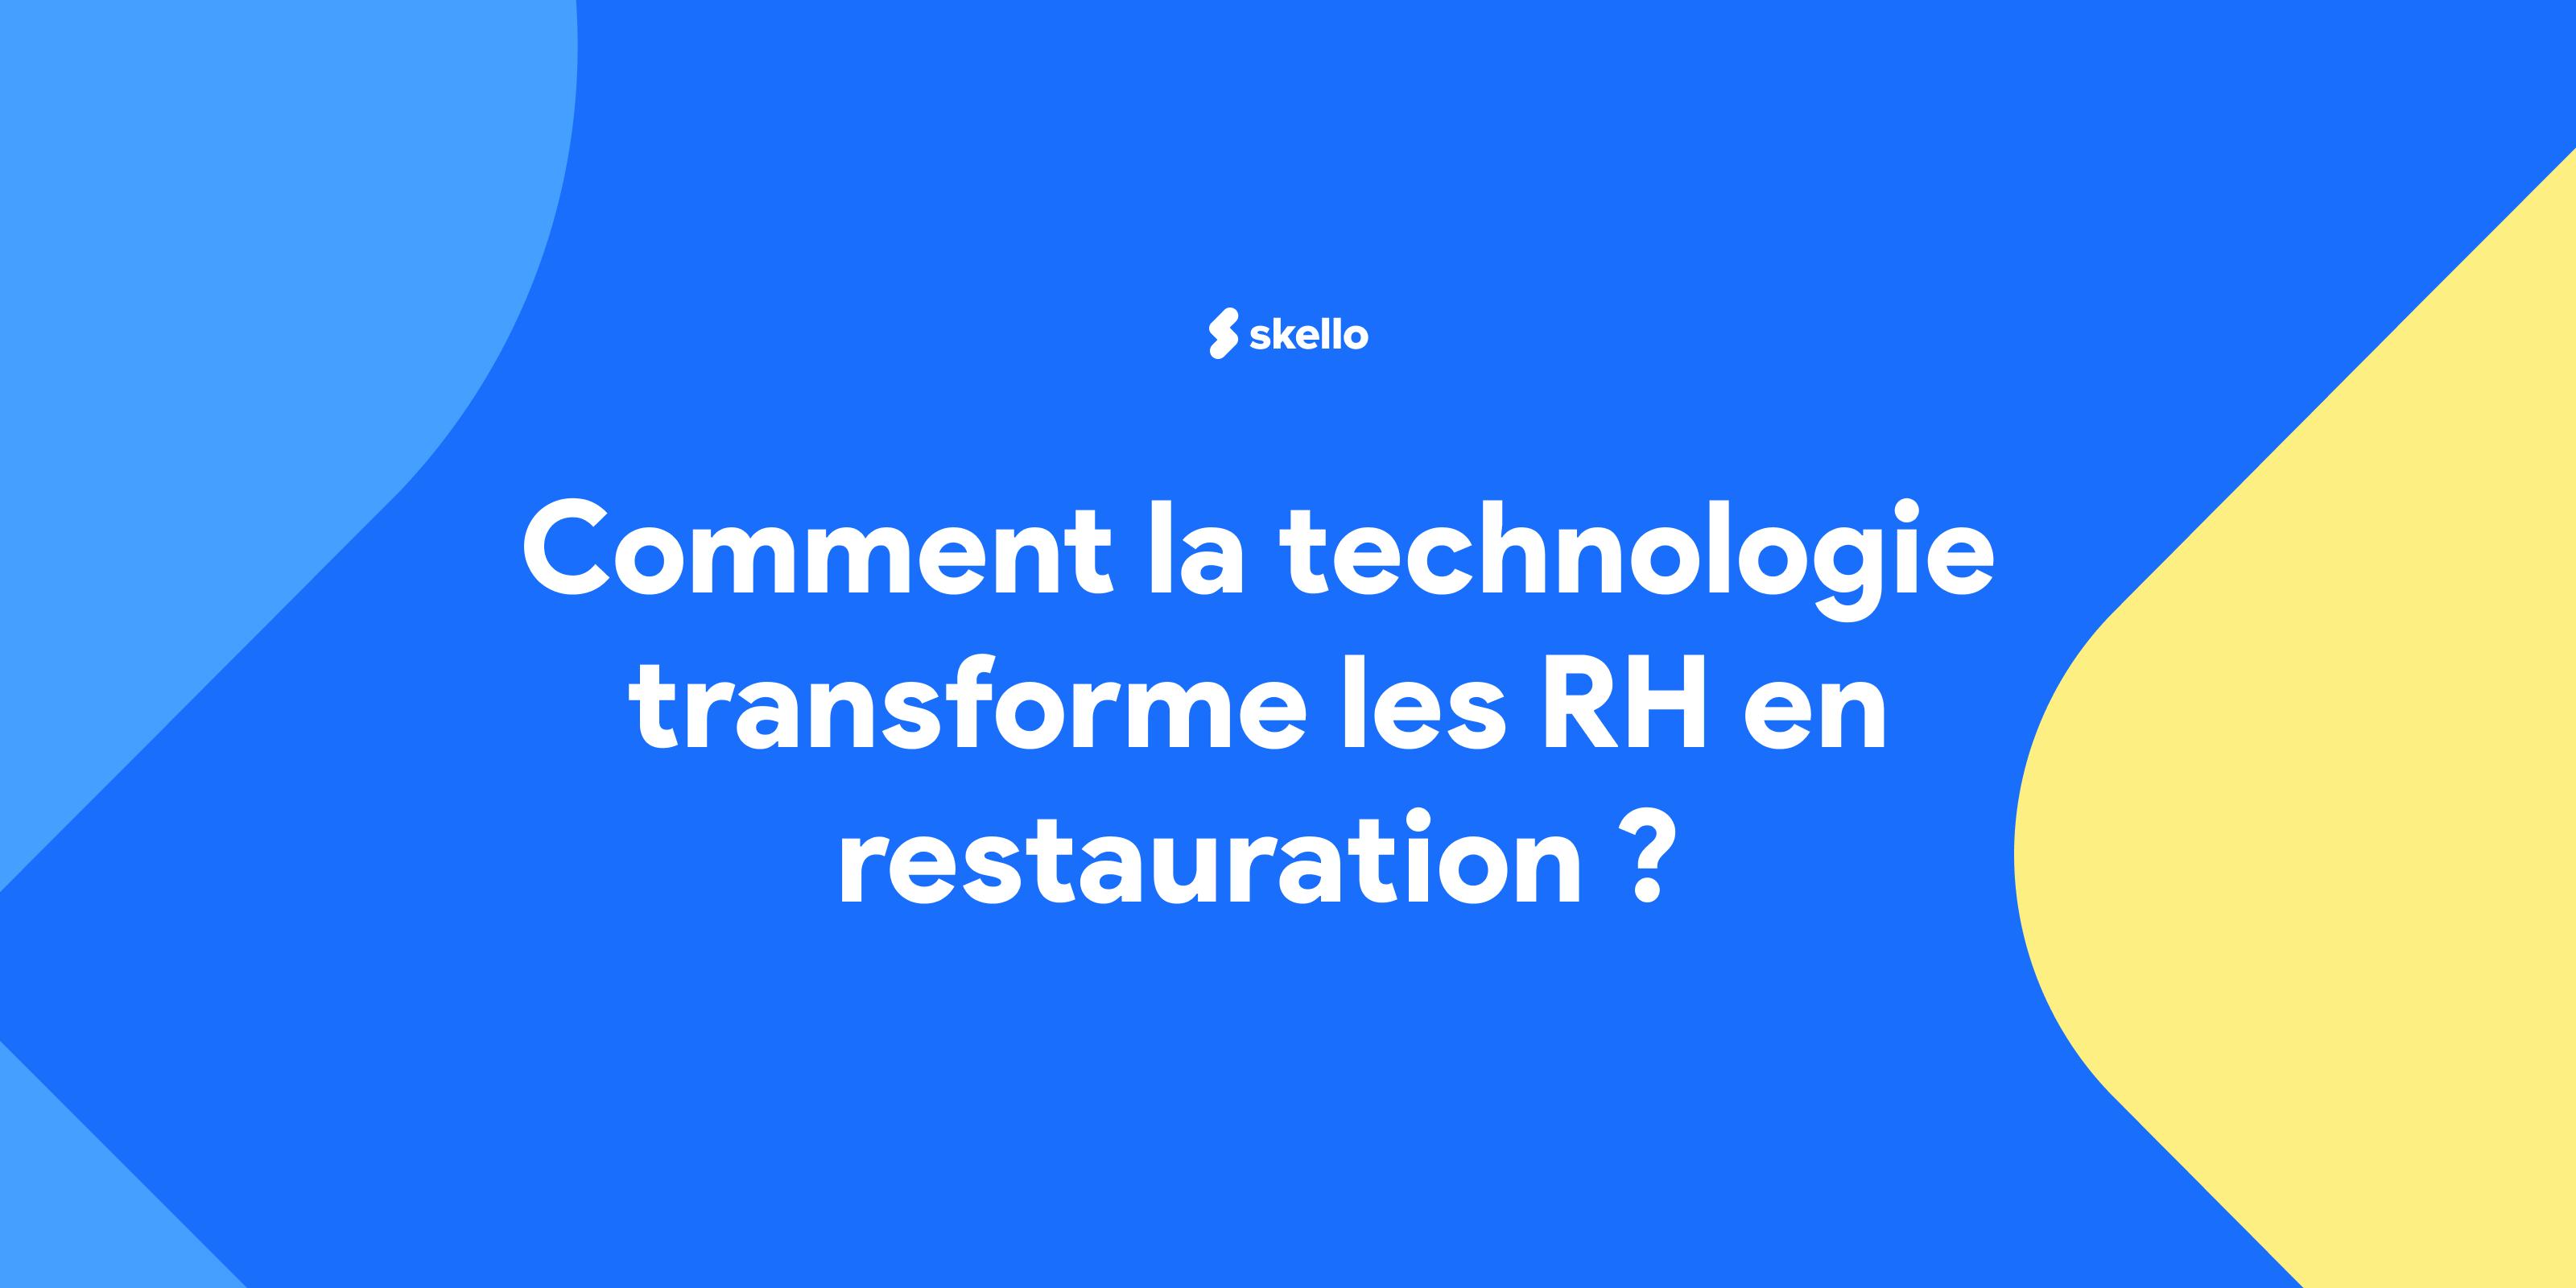 Comment la technologie transforme les RH en restauration